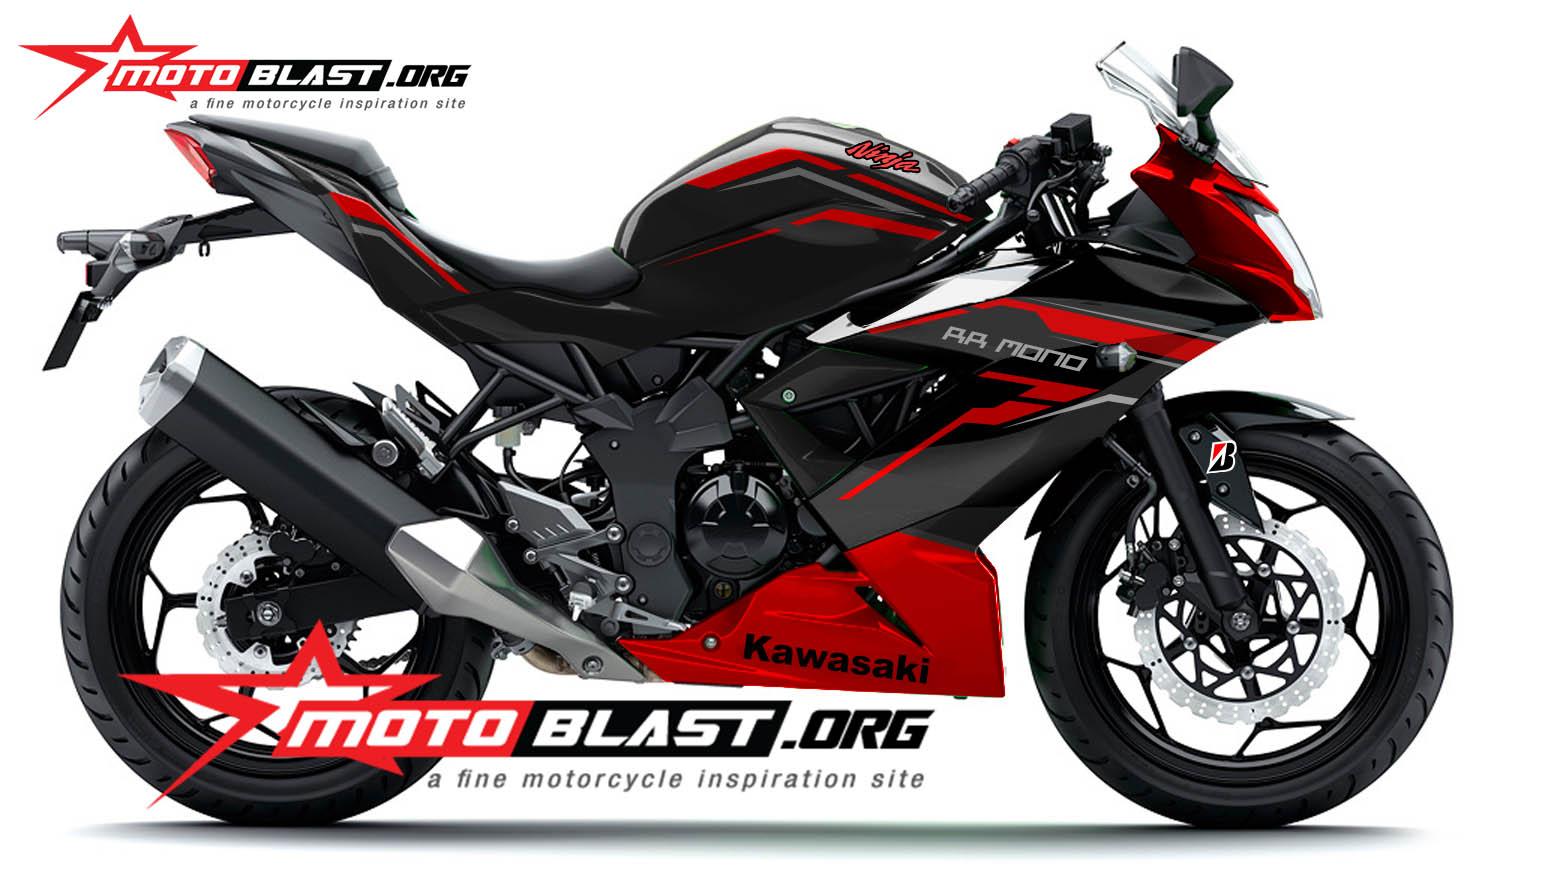 Ninja 250 rr mono 0 · image